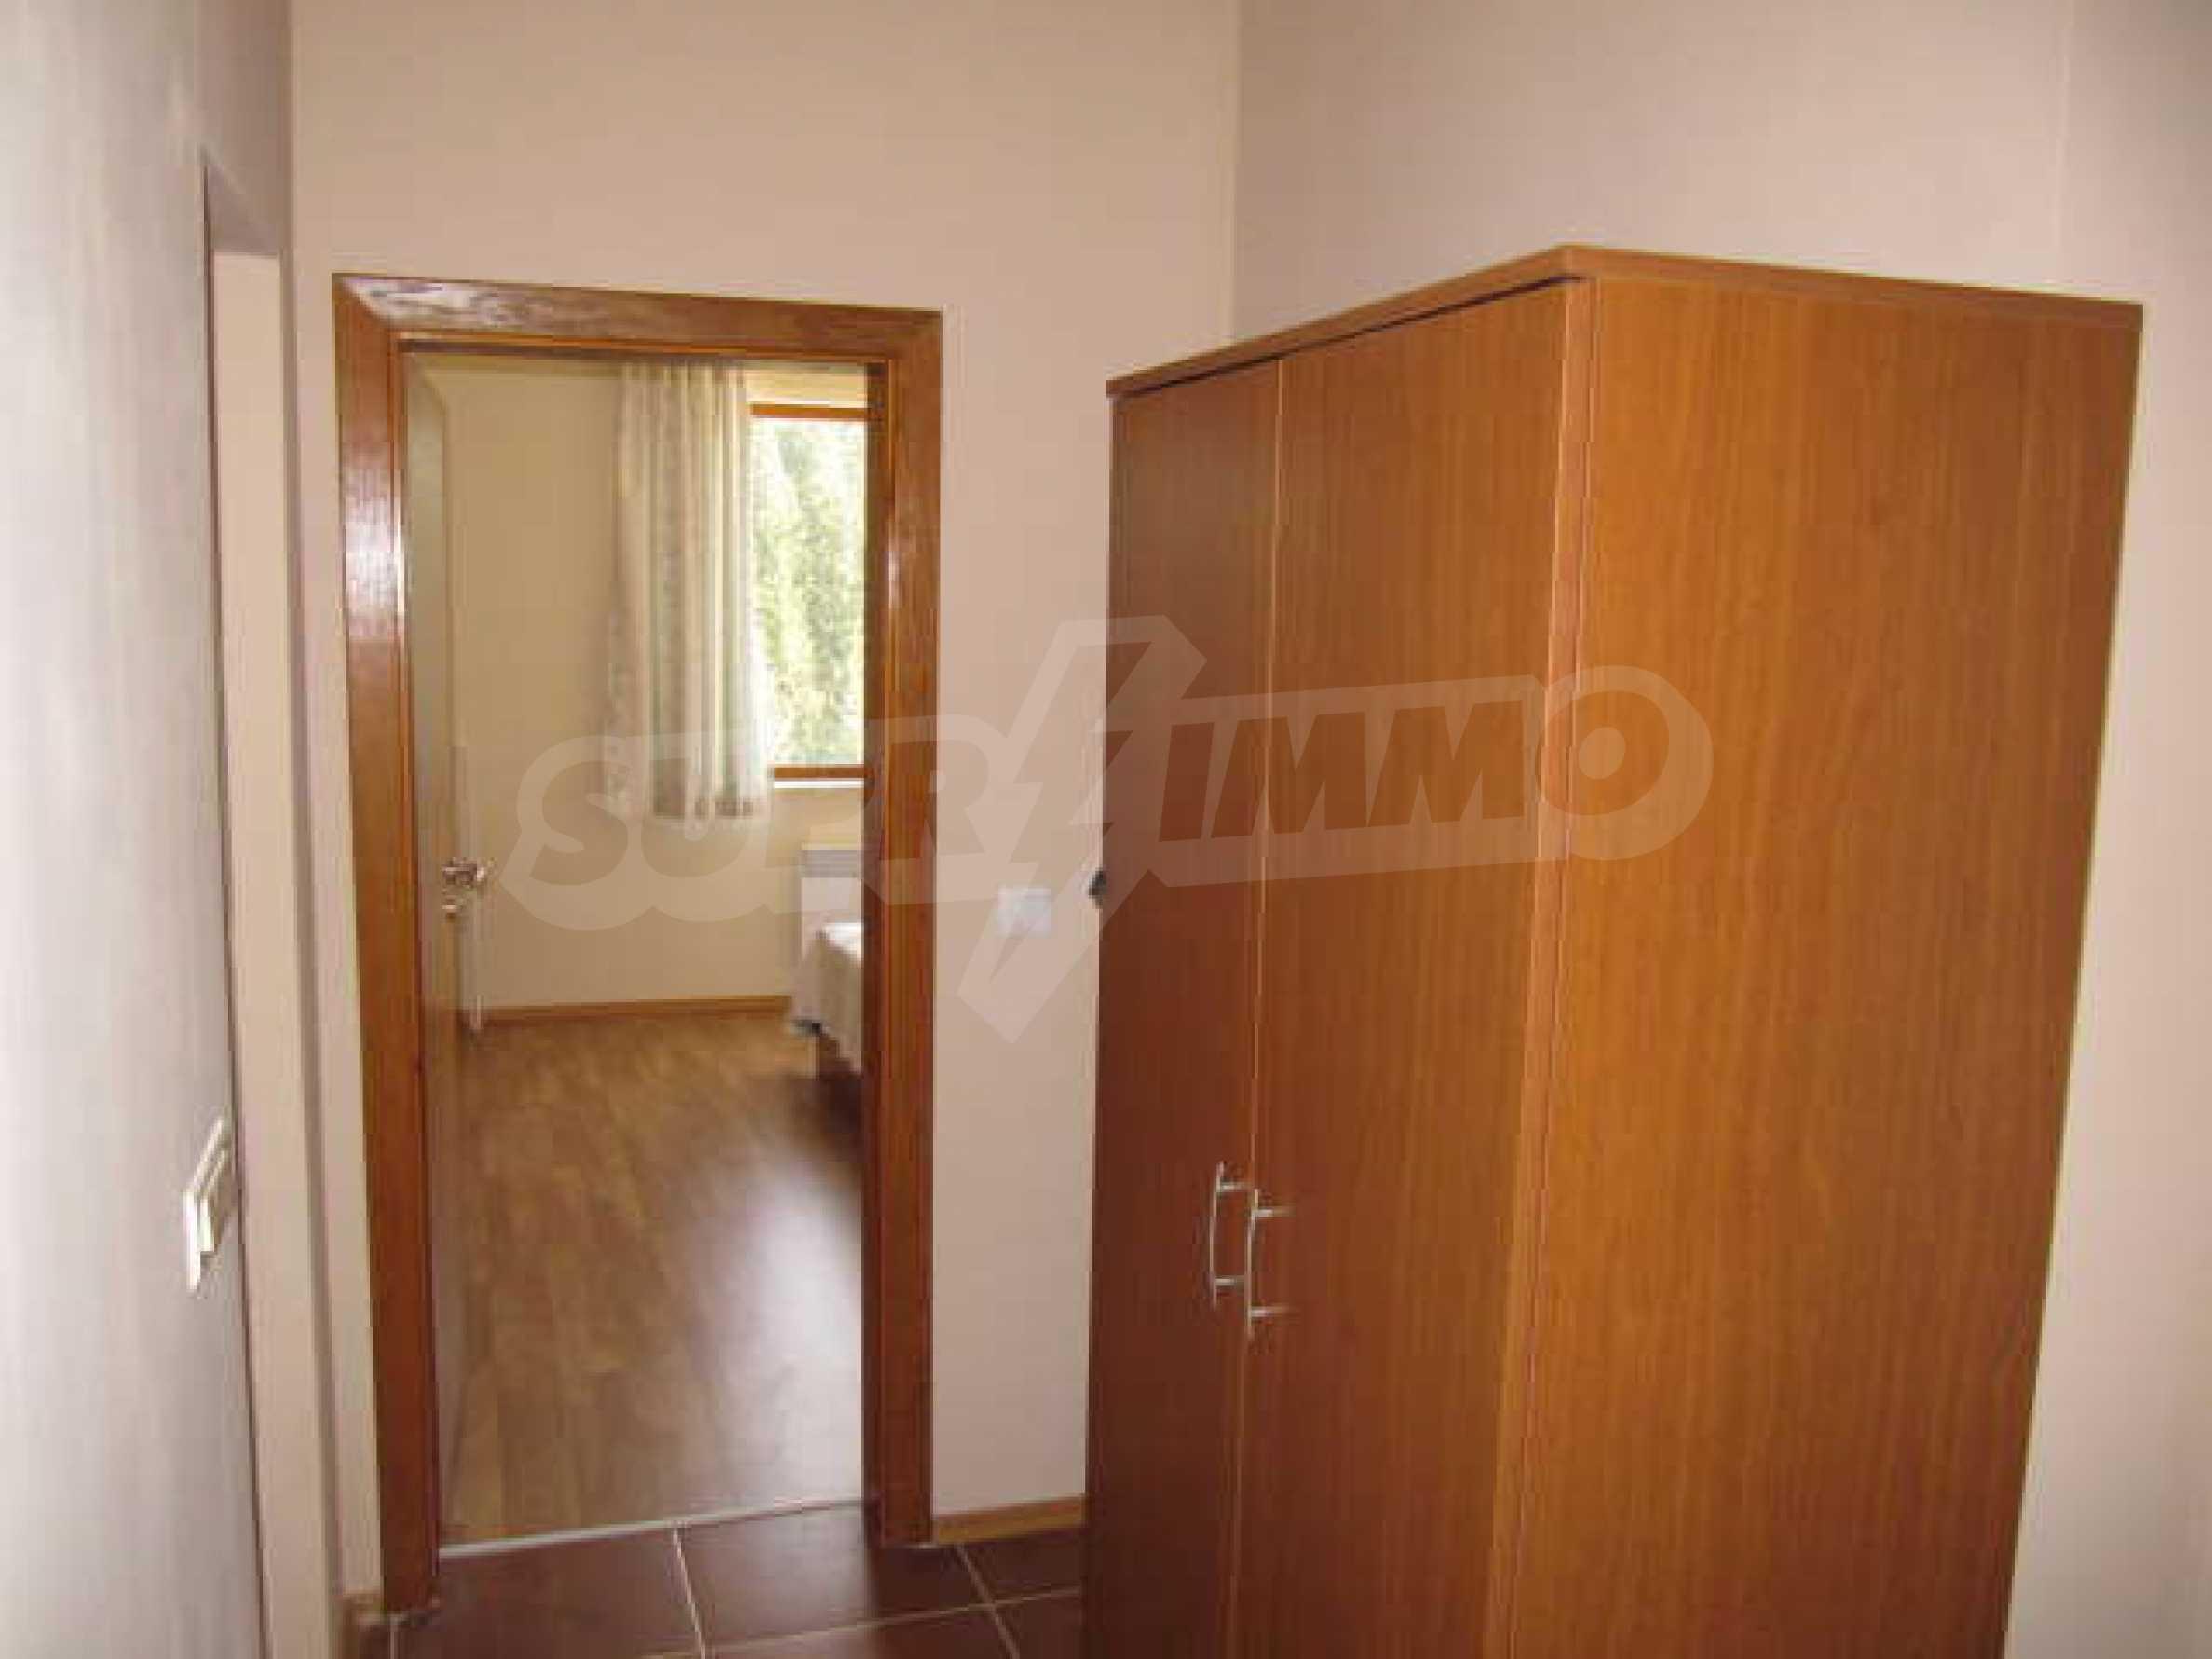 Komplett eingerichtete und ausgestattete Wohnung im Lucky-Komplex in Pamporovo 7